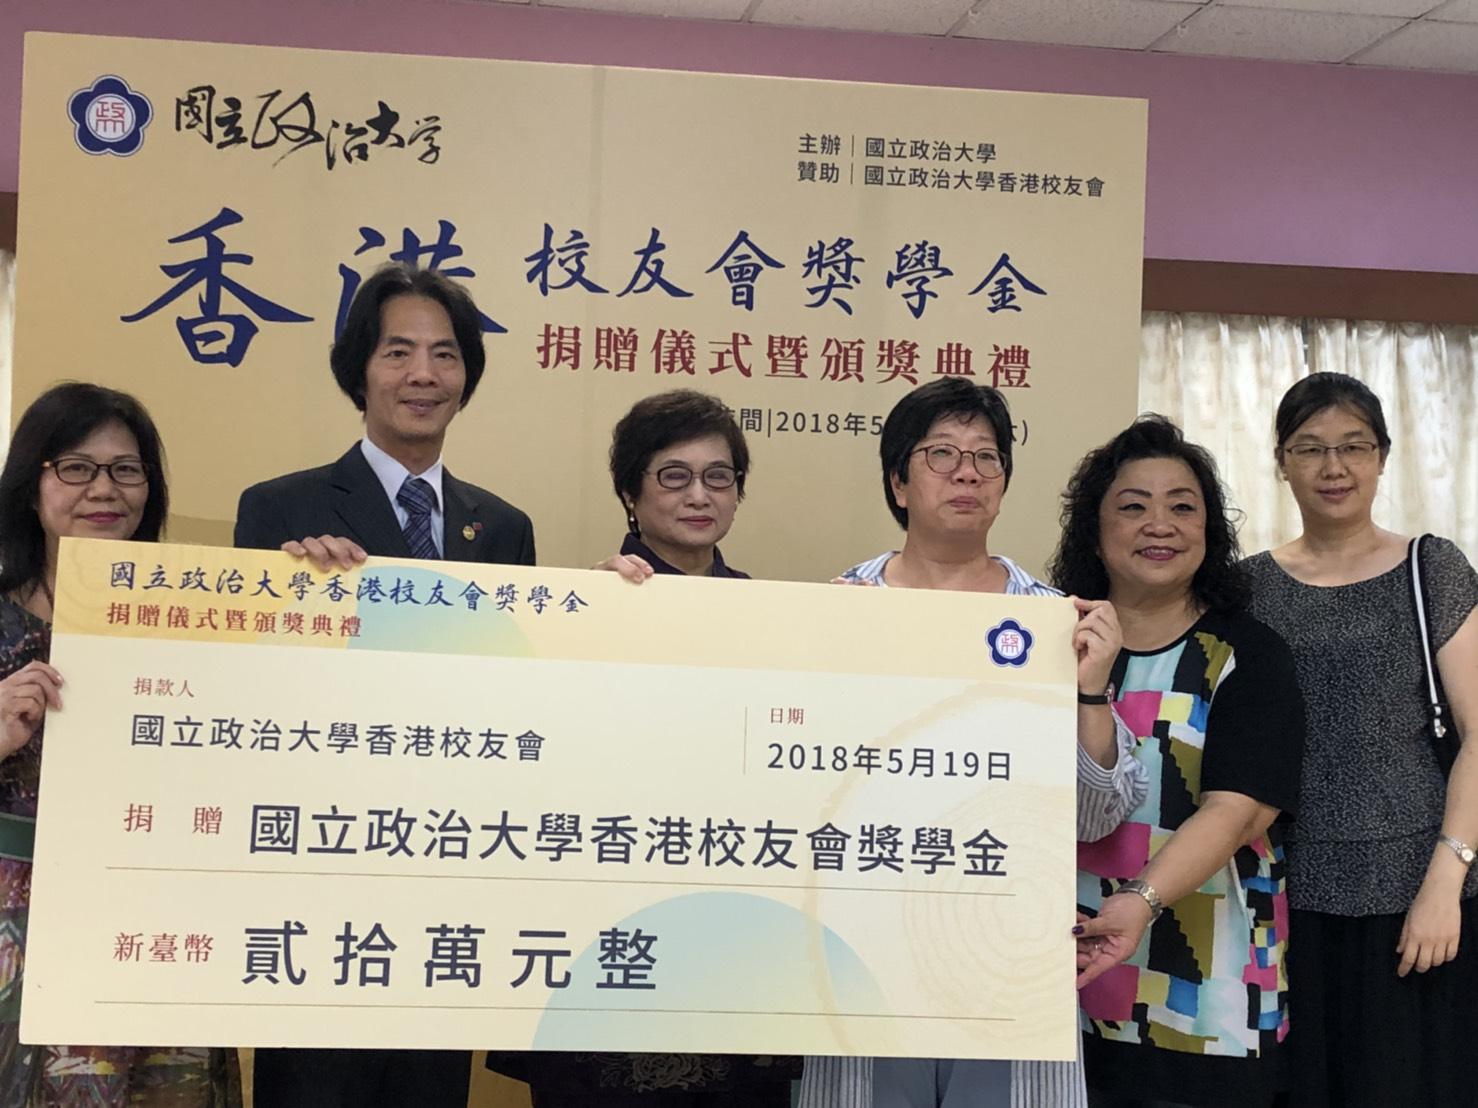 感謝香港校友會捐贈清寒獎學金